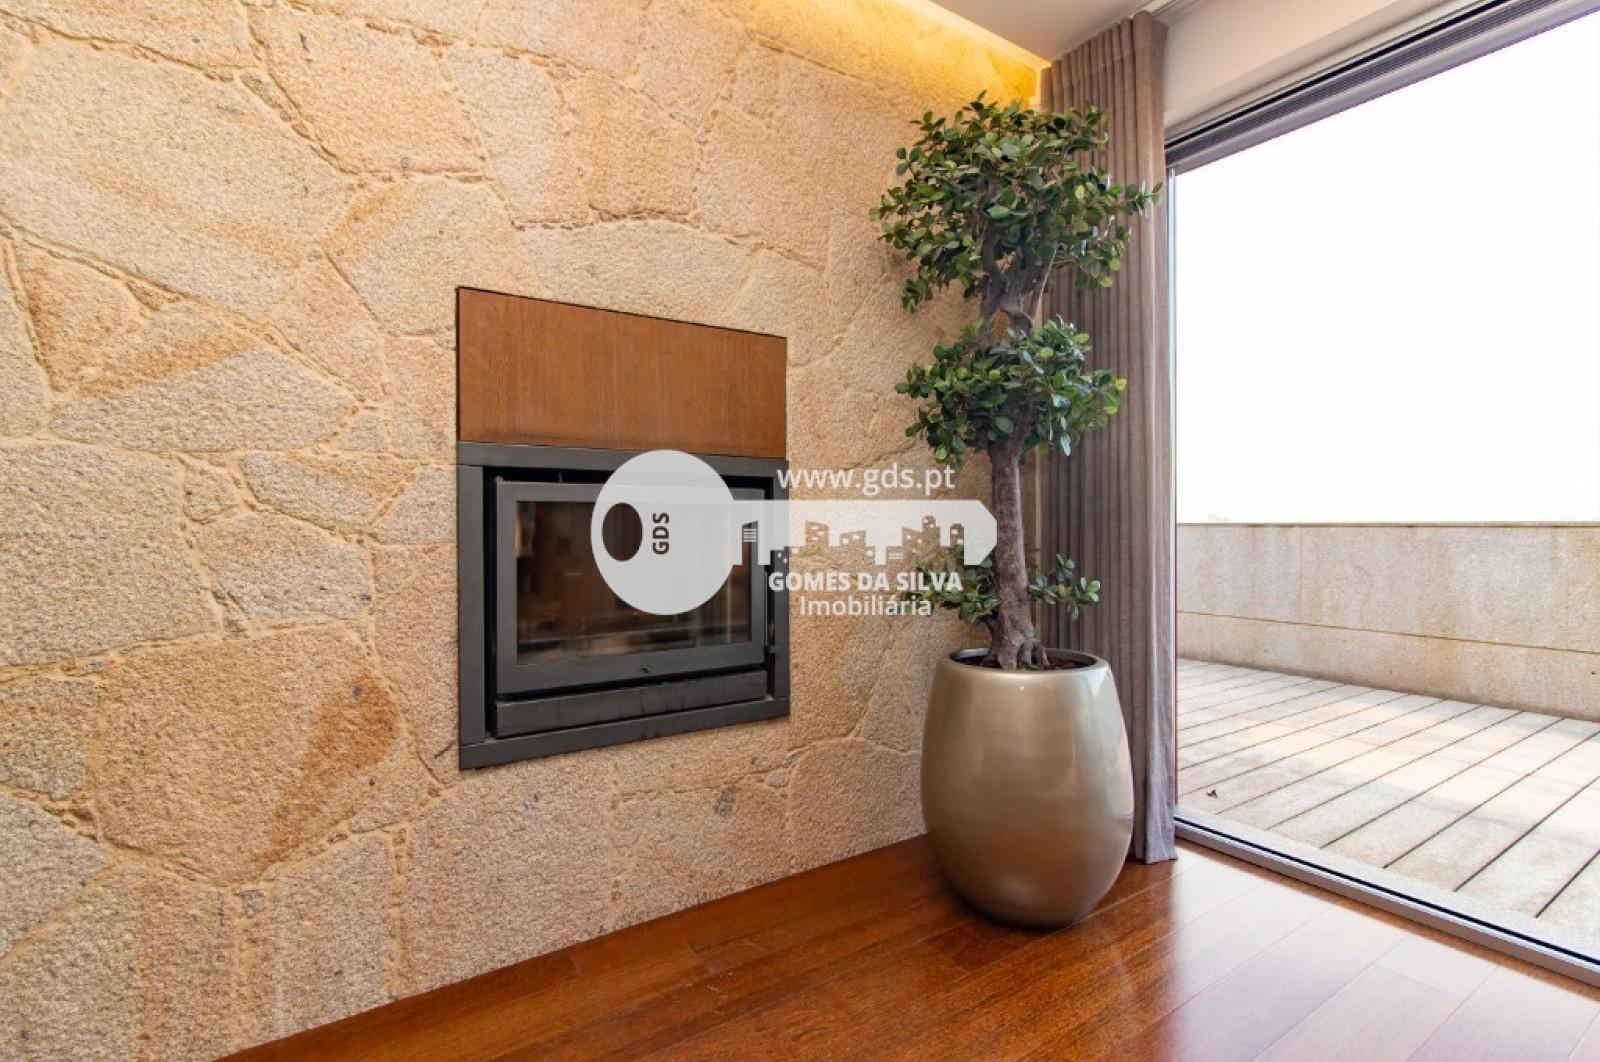 Apartamento T3 para Venda em Nogueira, Fraião e Lamaçães, Braga, Braga - Imagem 34